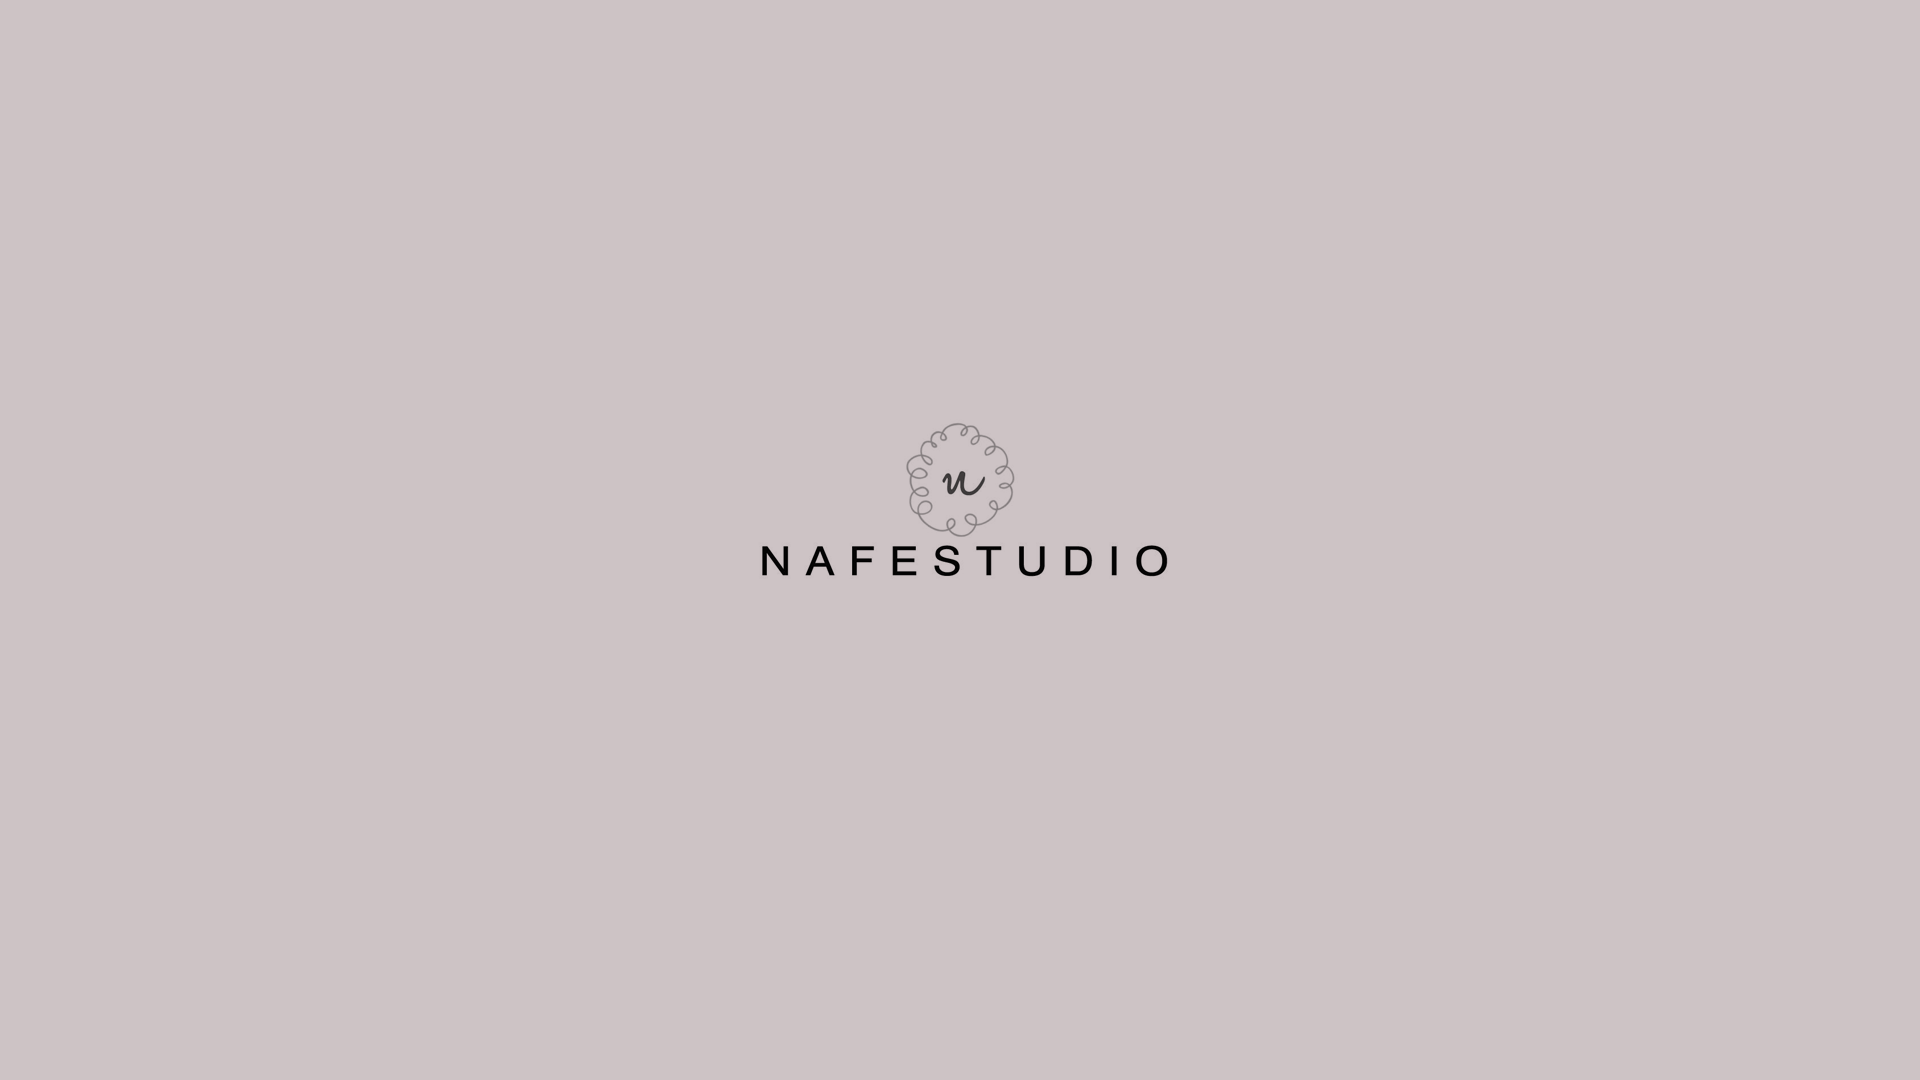 Naf Estudio, web hecha por murciègalo